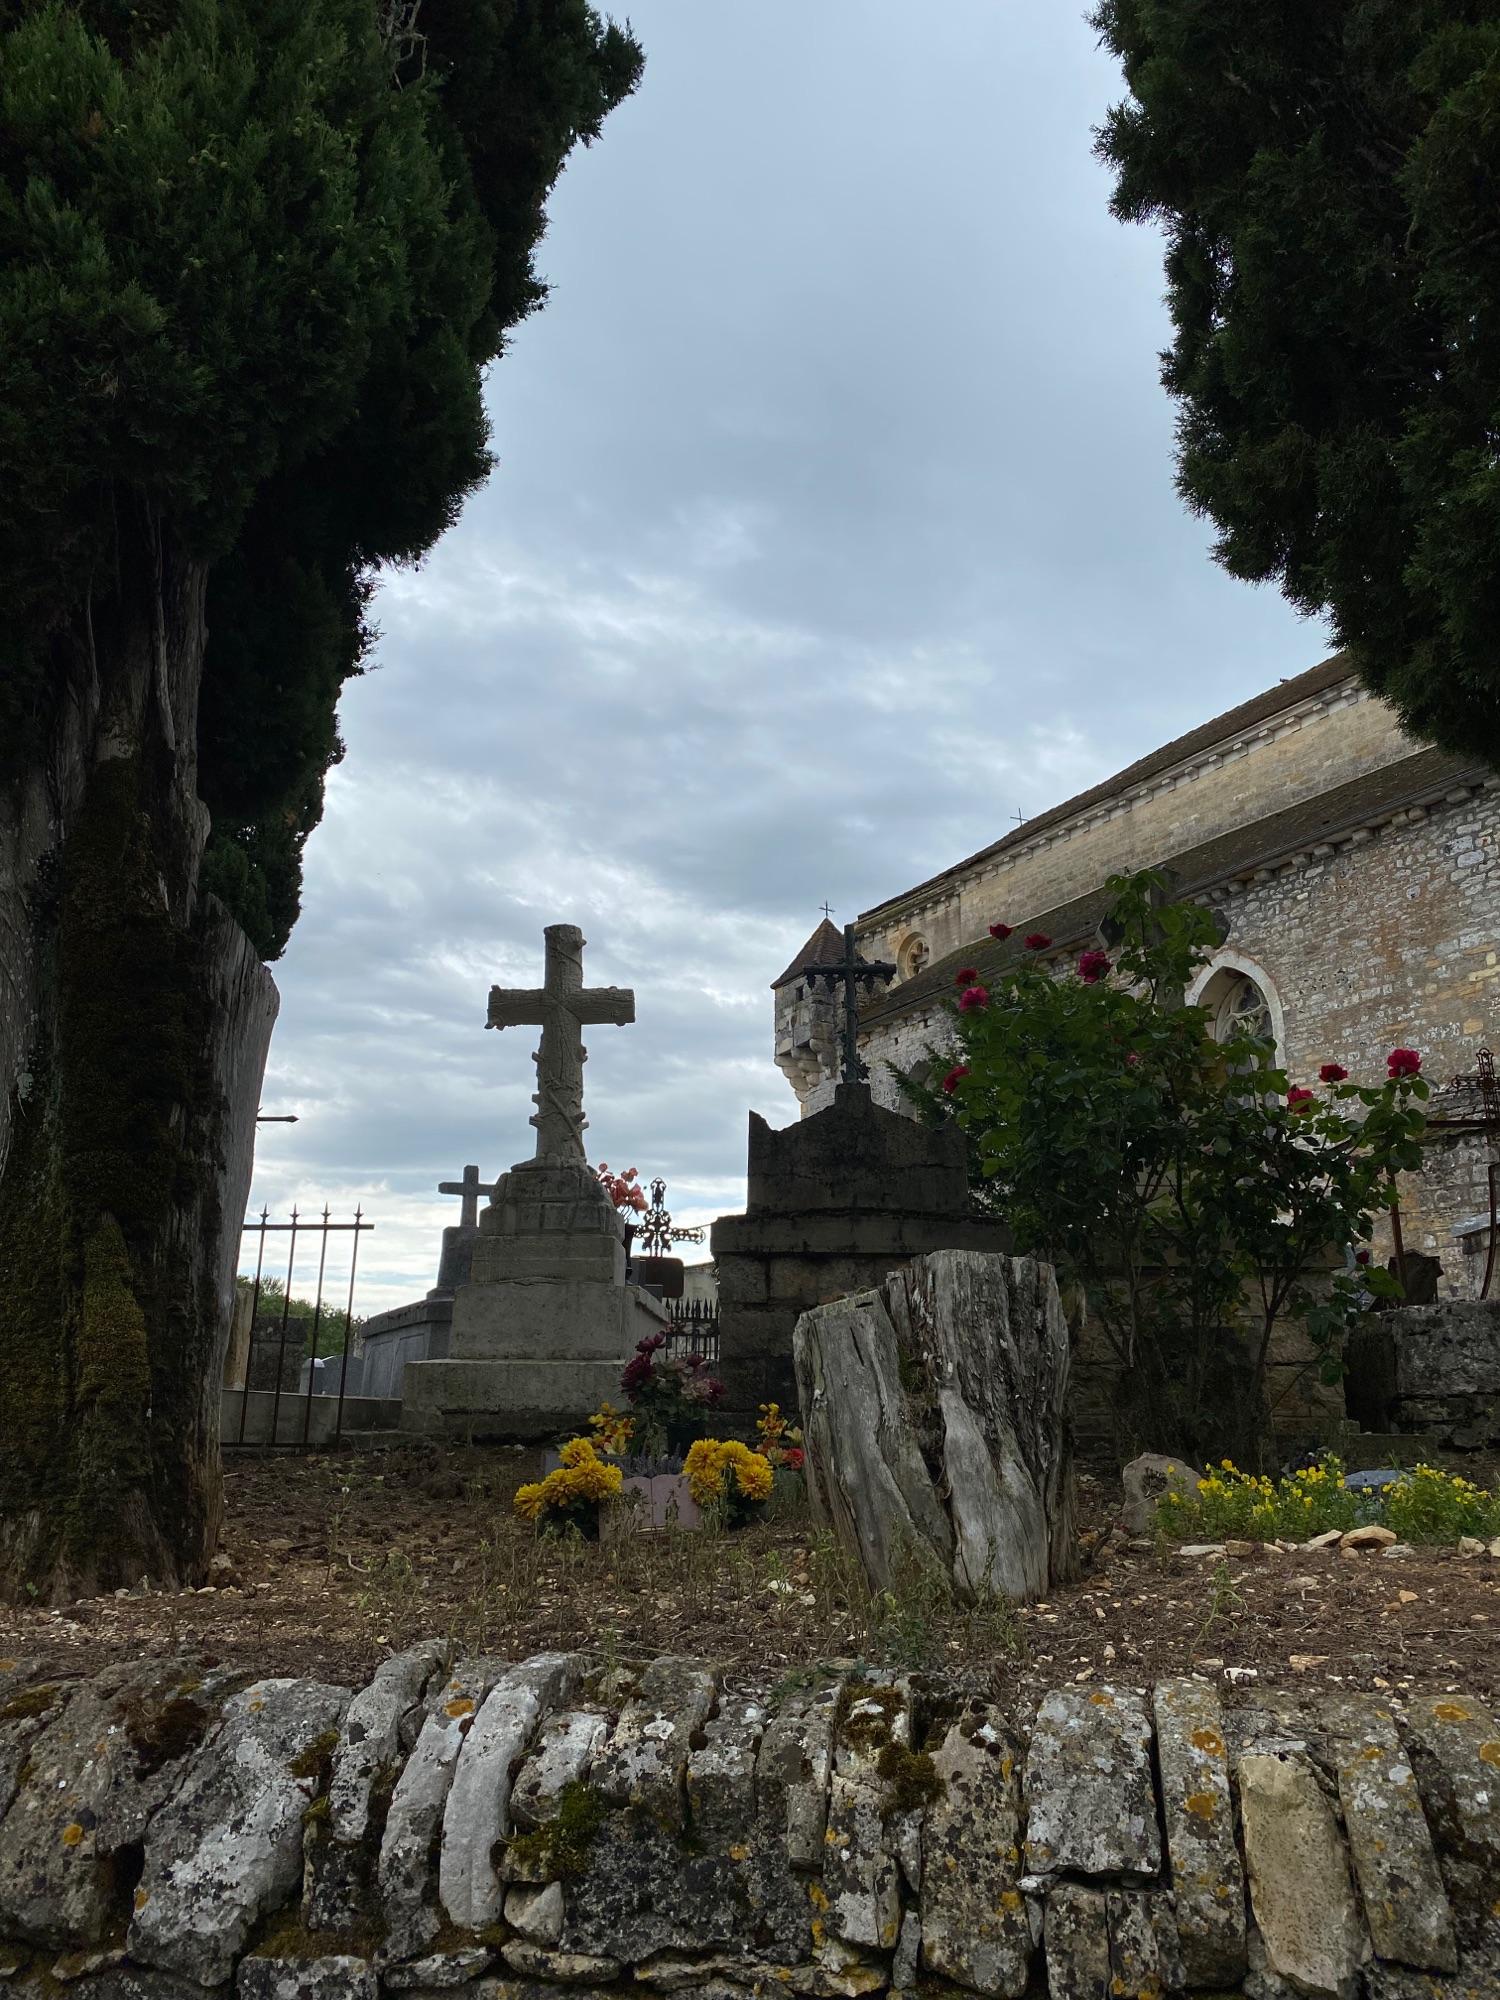 На церкви - видите? Турель. Это оборонительная была церковь в 13 веке. Даже не знаю, чем оттуда тогда пуляли. Луки? Арбалеты?